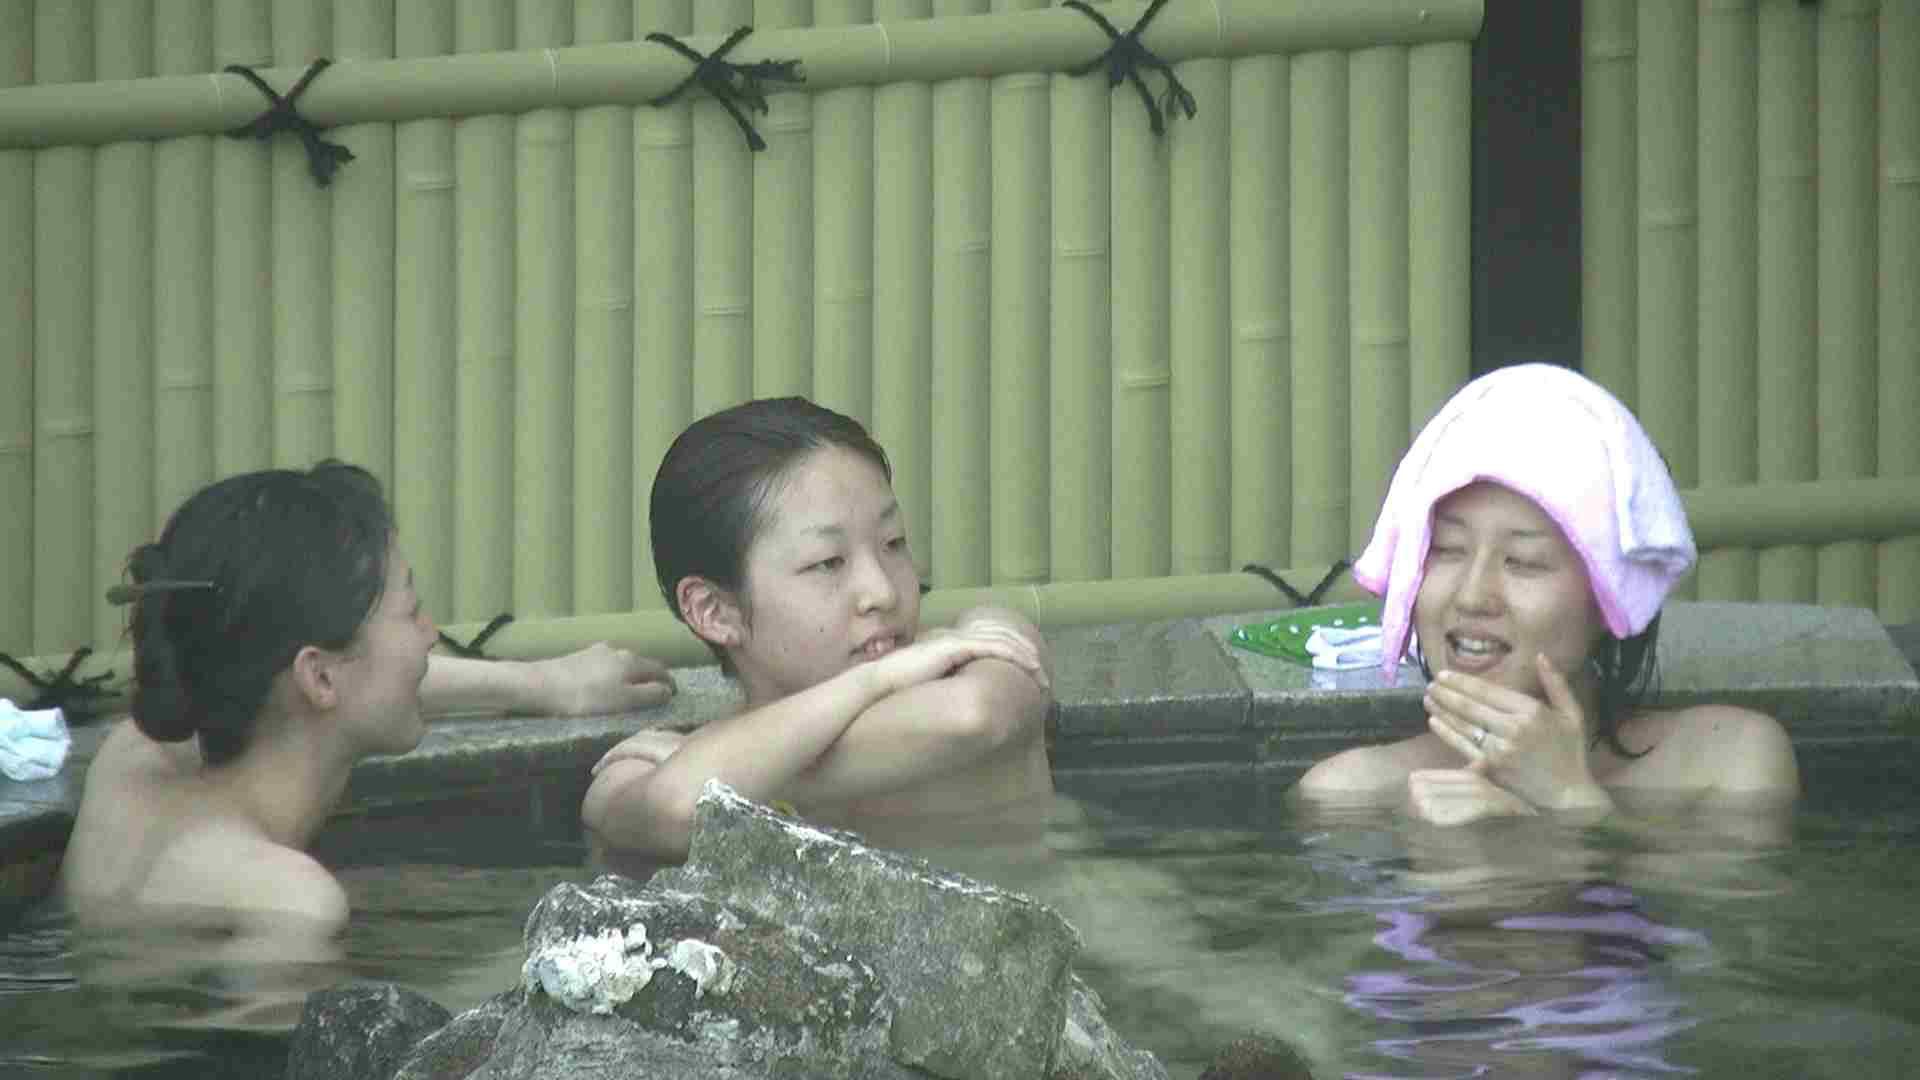 Aquaな露天風呂Vol.195 OL  67pic 40